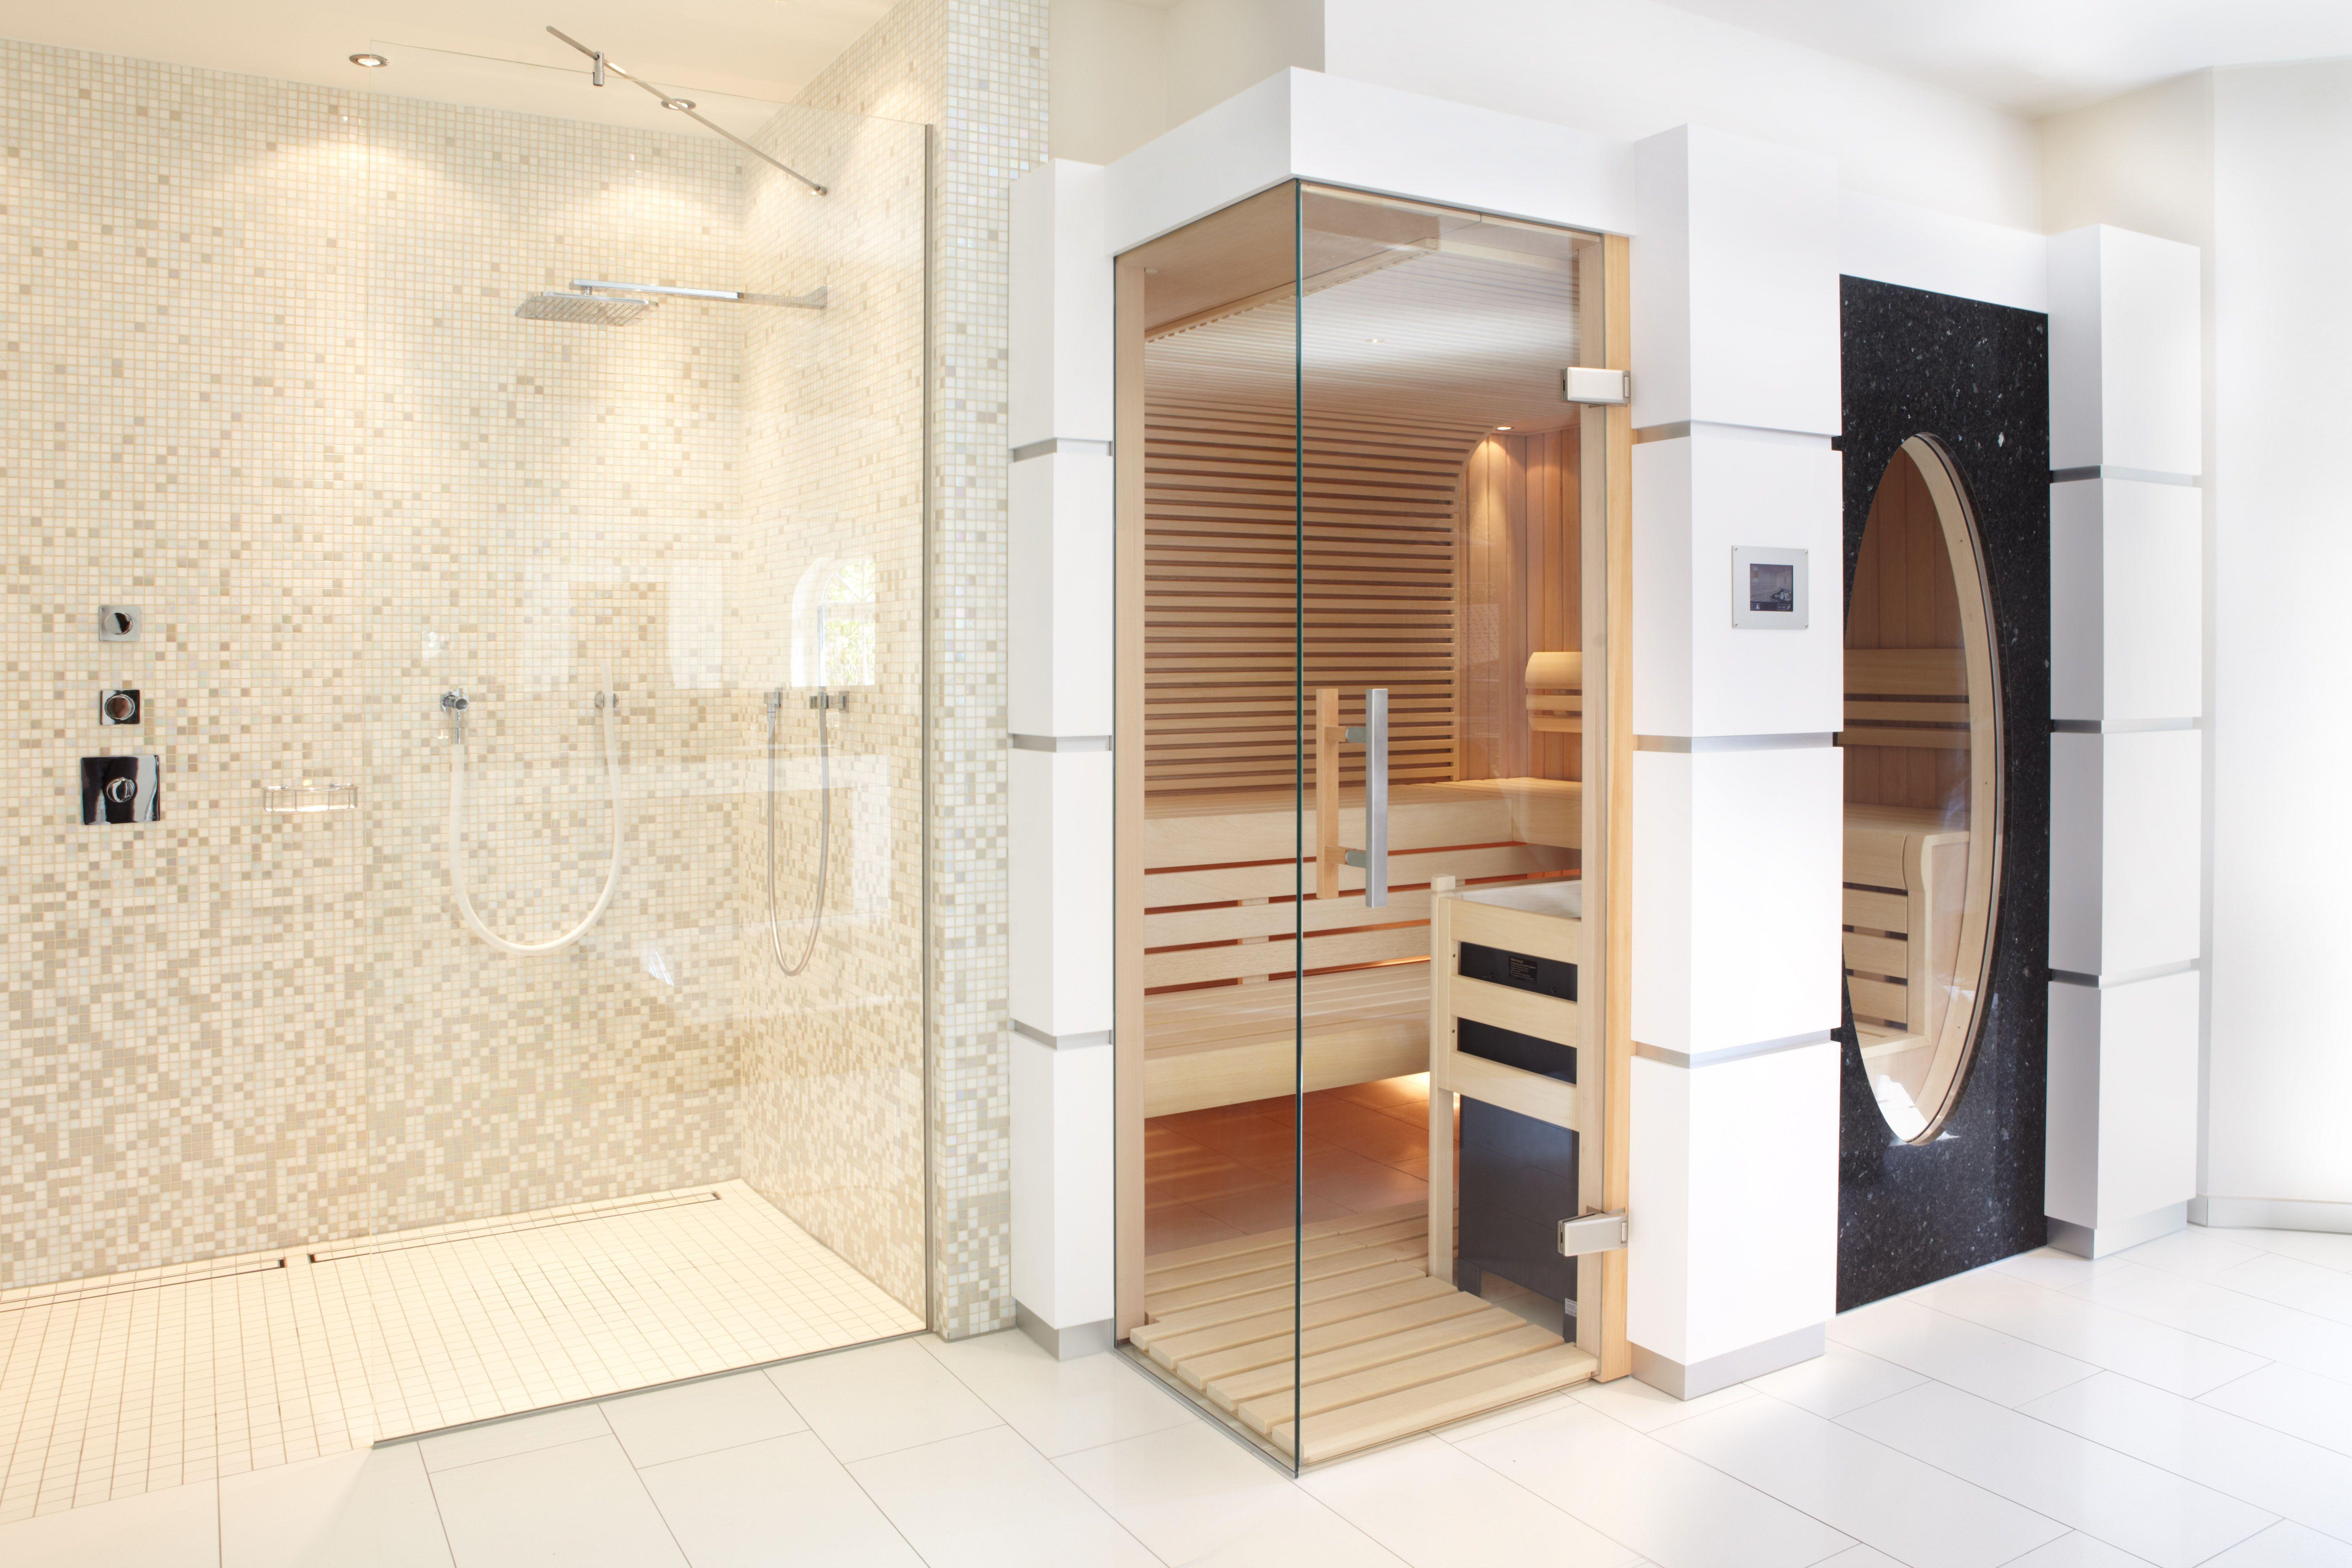 Modernes Badezimmer Mit Offener Dusche Und Sauna Wellness Glass